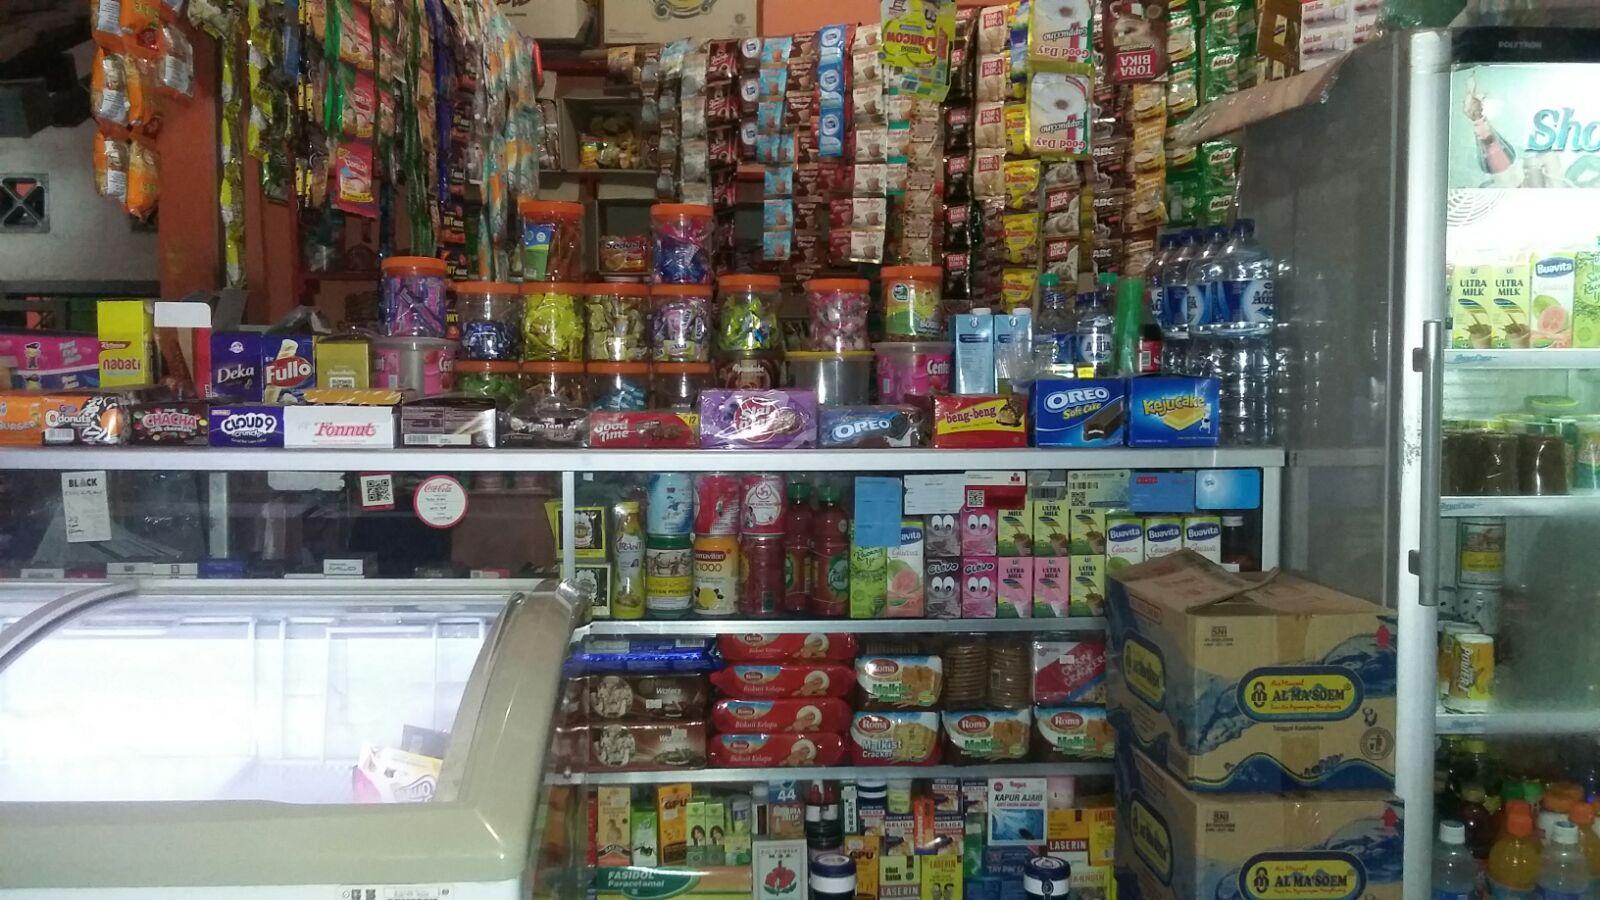 via genmuda.com